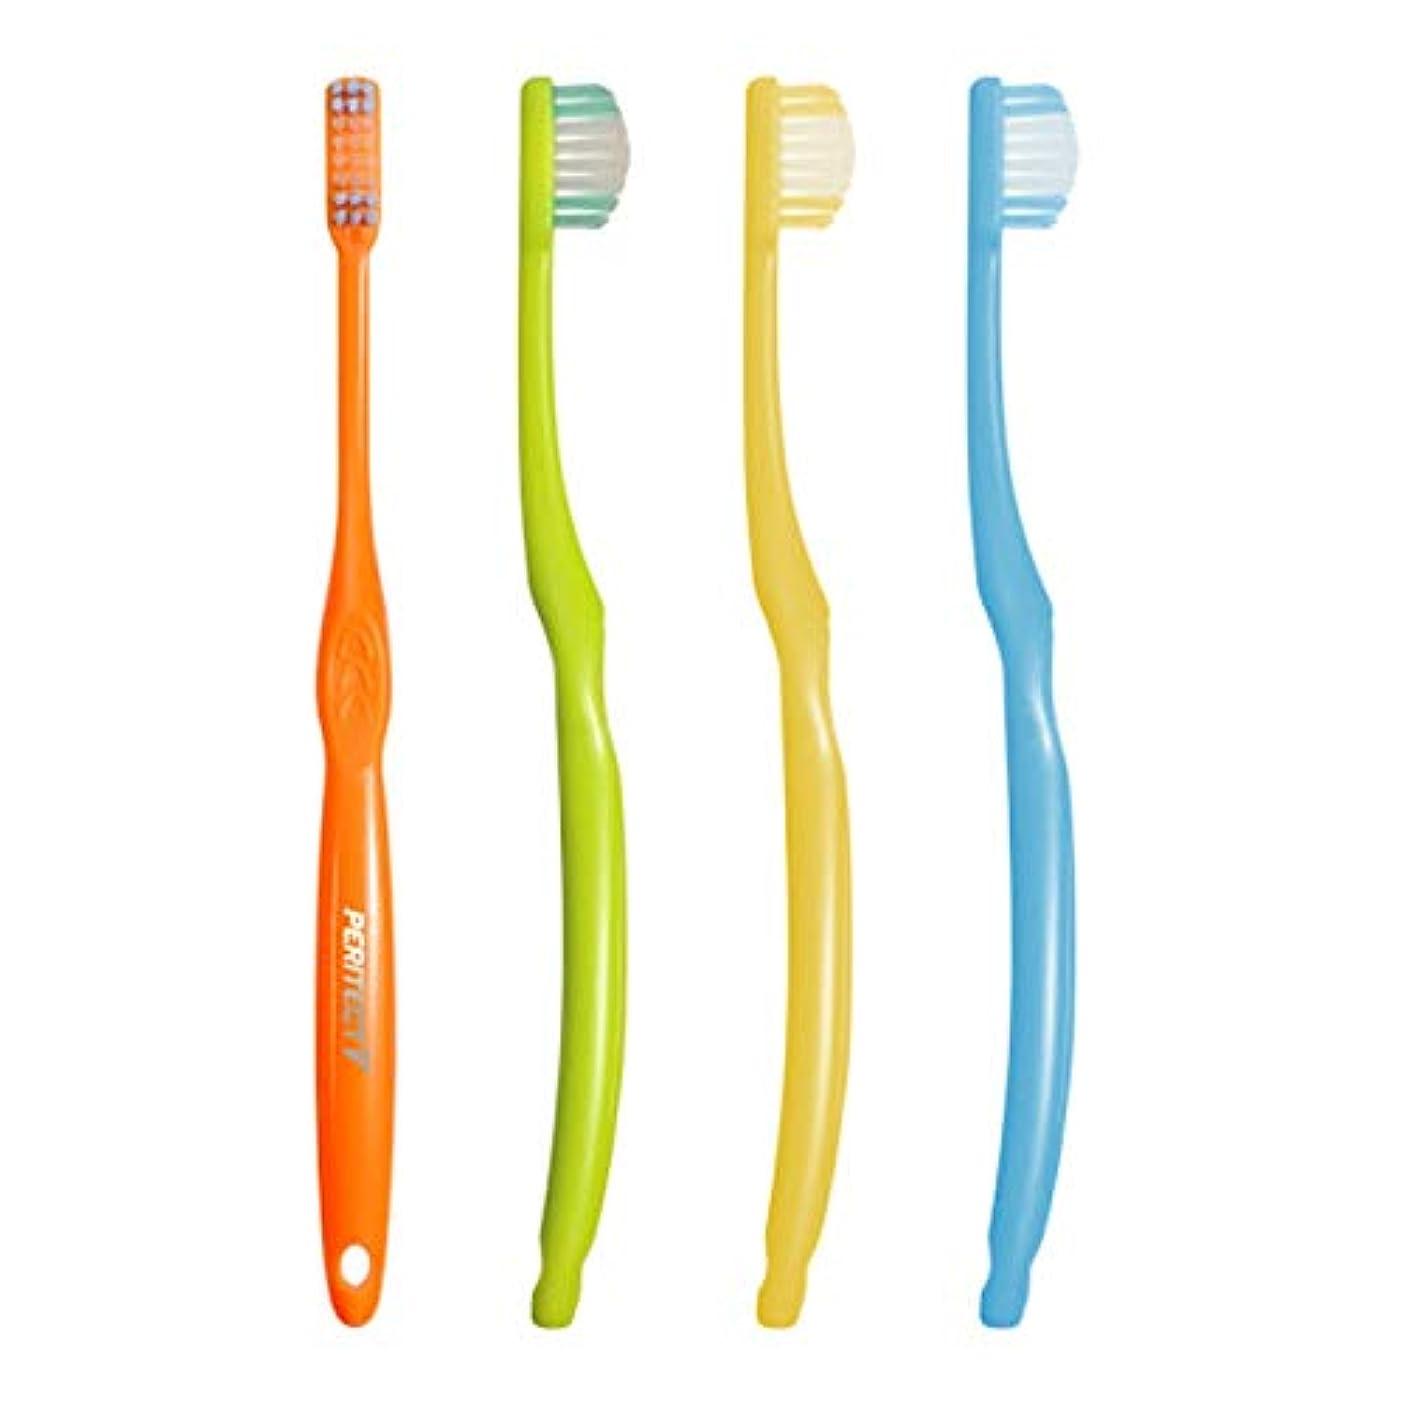 問題ネイティブ辛なビーブランド PERITECT V ペリテクト ブイ 8M(ふつう)×1本 歯ブラシ 歯科専売品